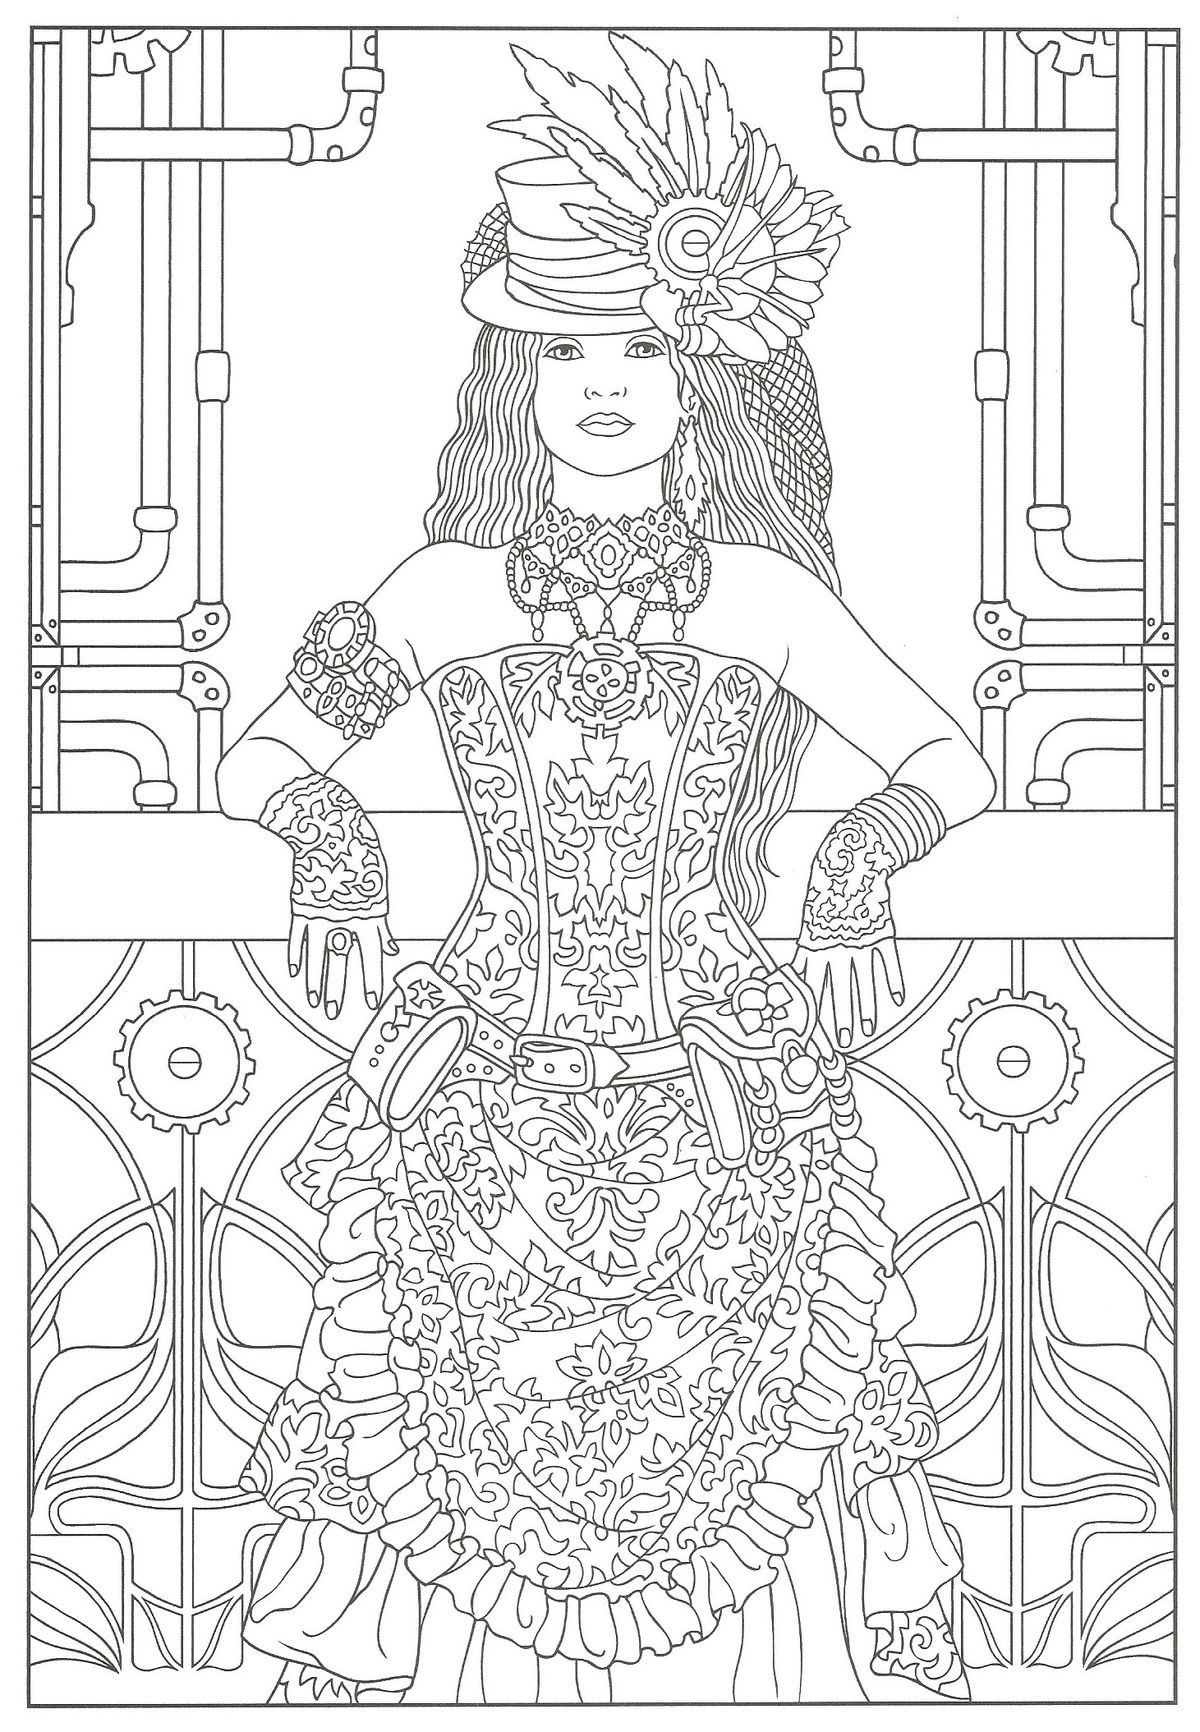 Pin de Val Wilson en Coloring pages   Pinterest   Dibujo